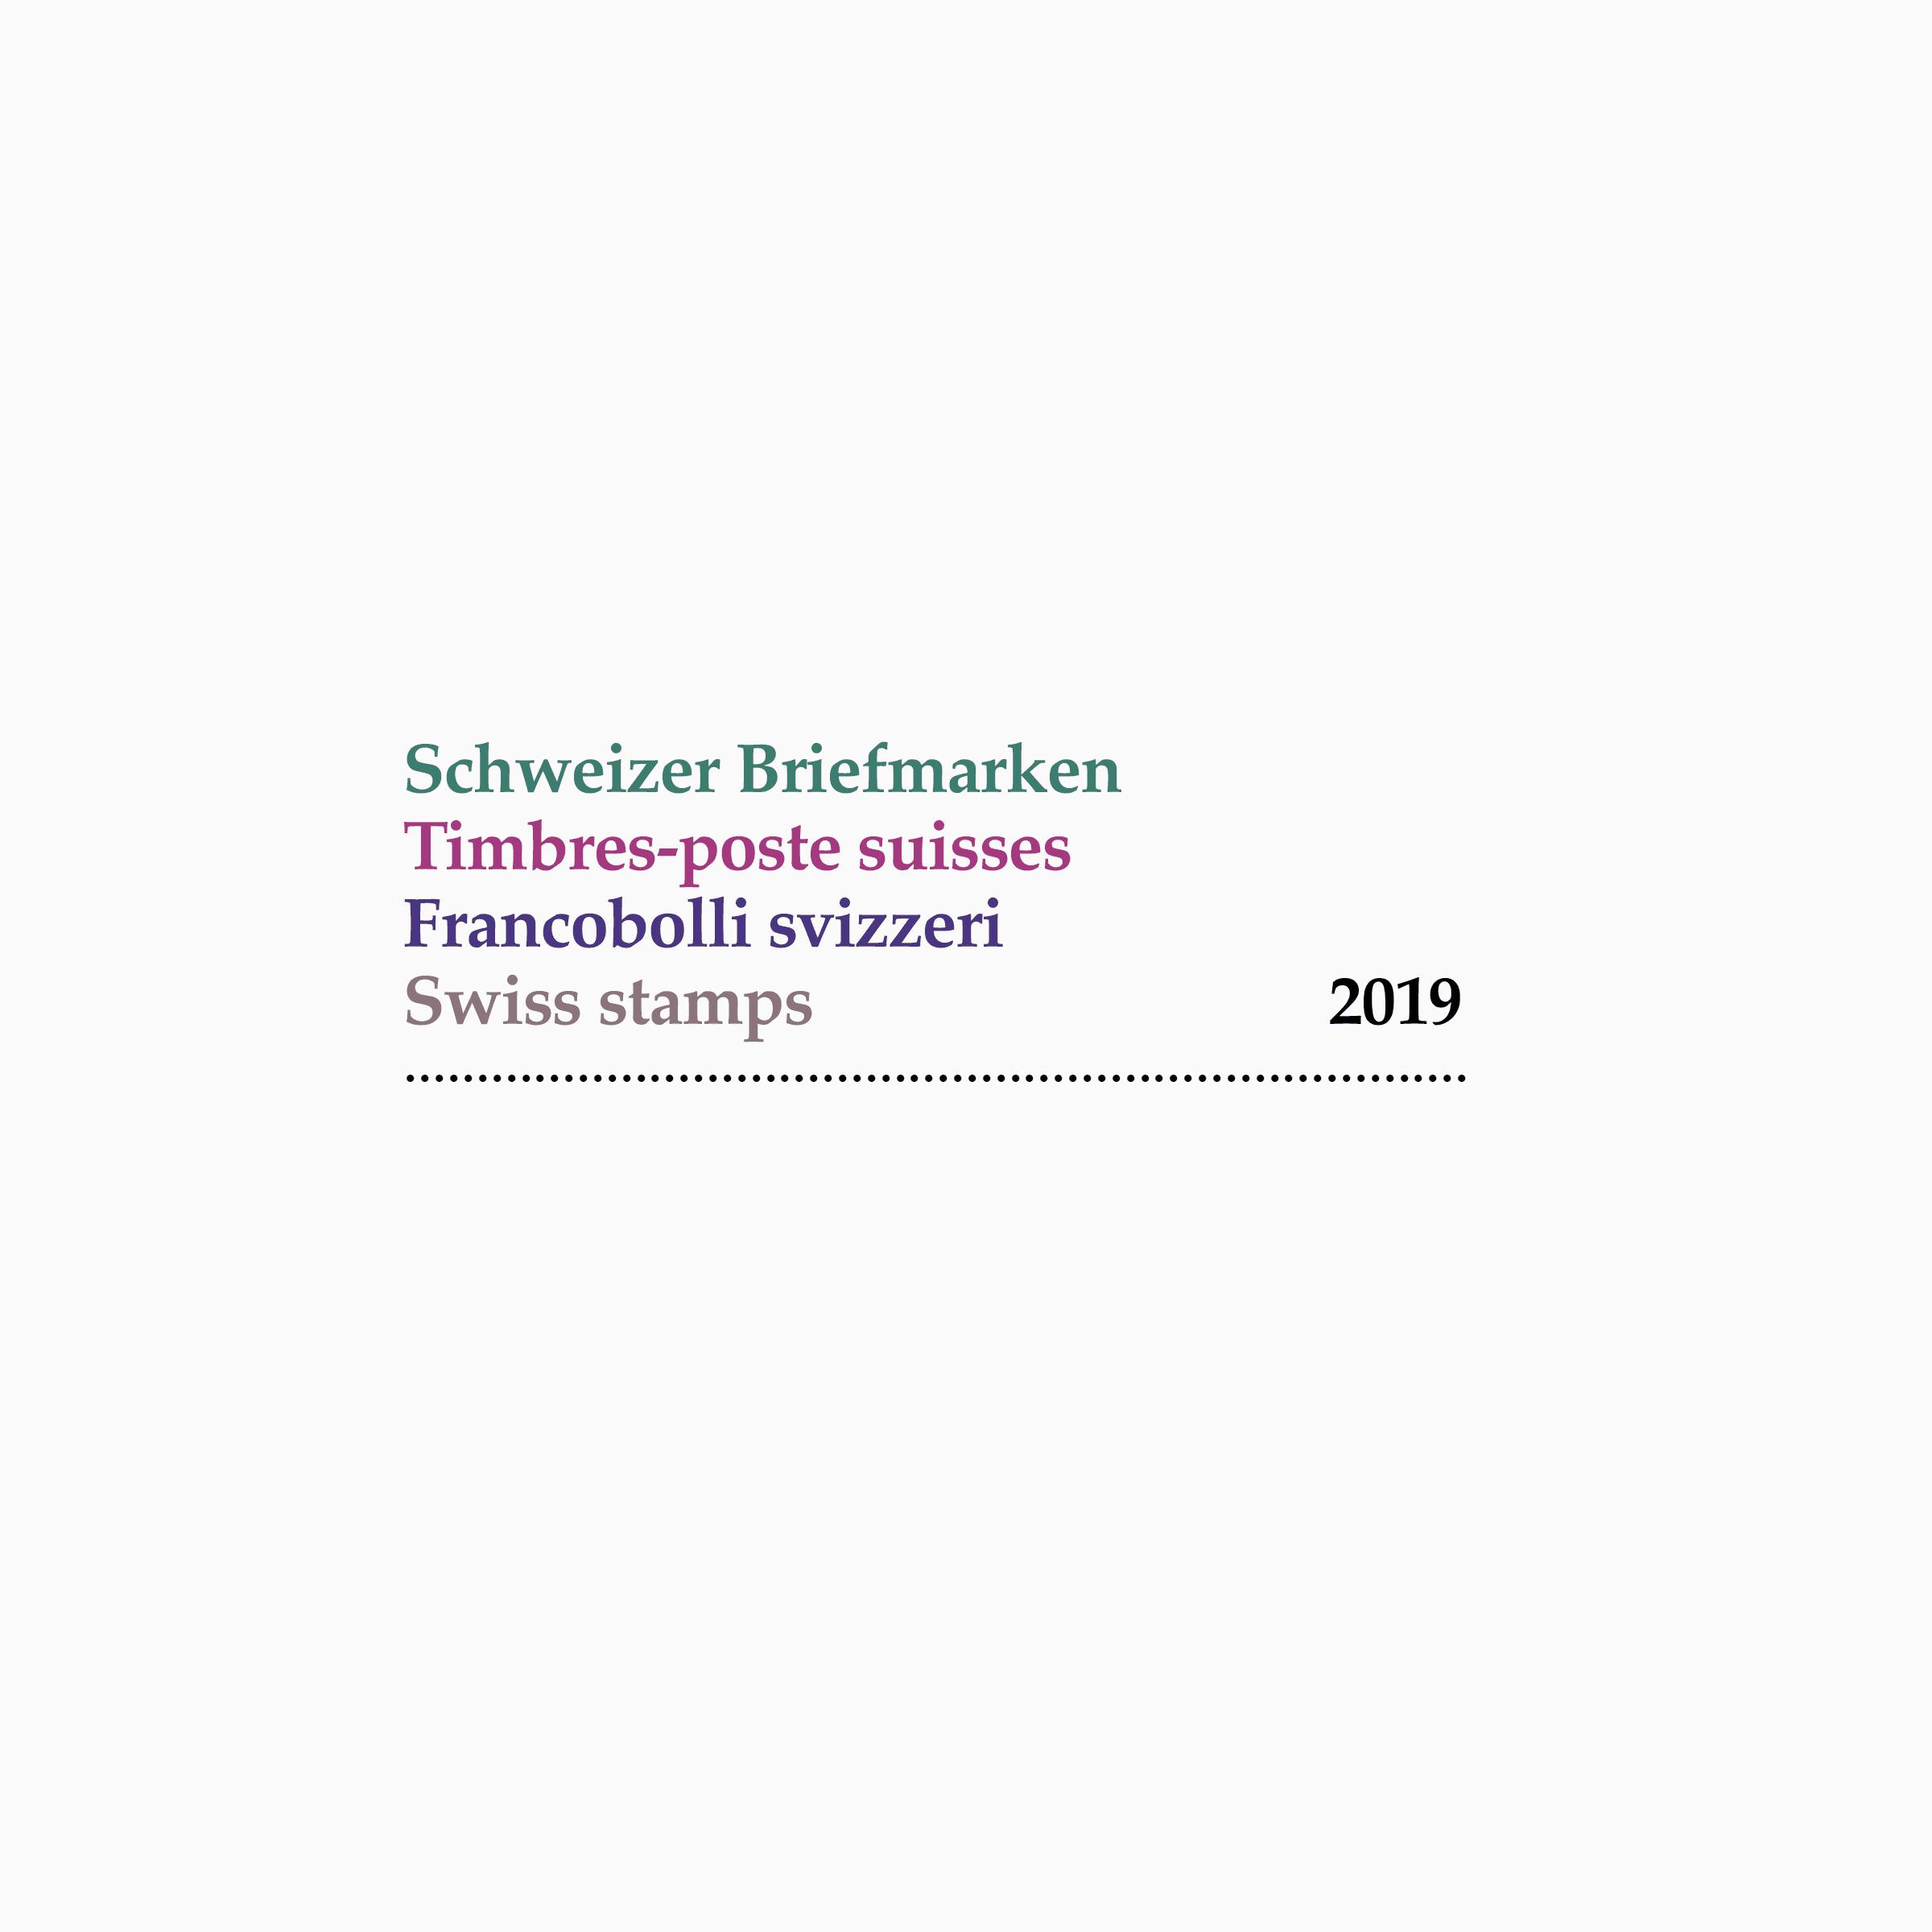 Schweizer Briefmarken 2019 00 MHG Bern